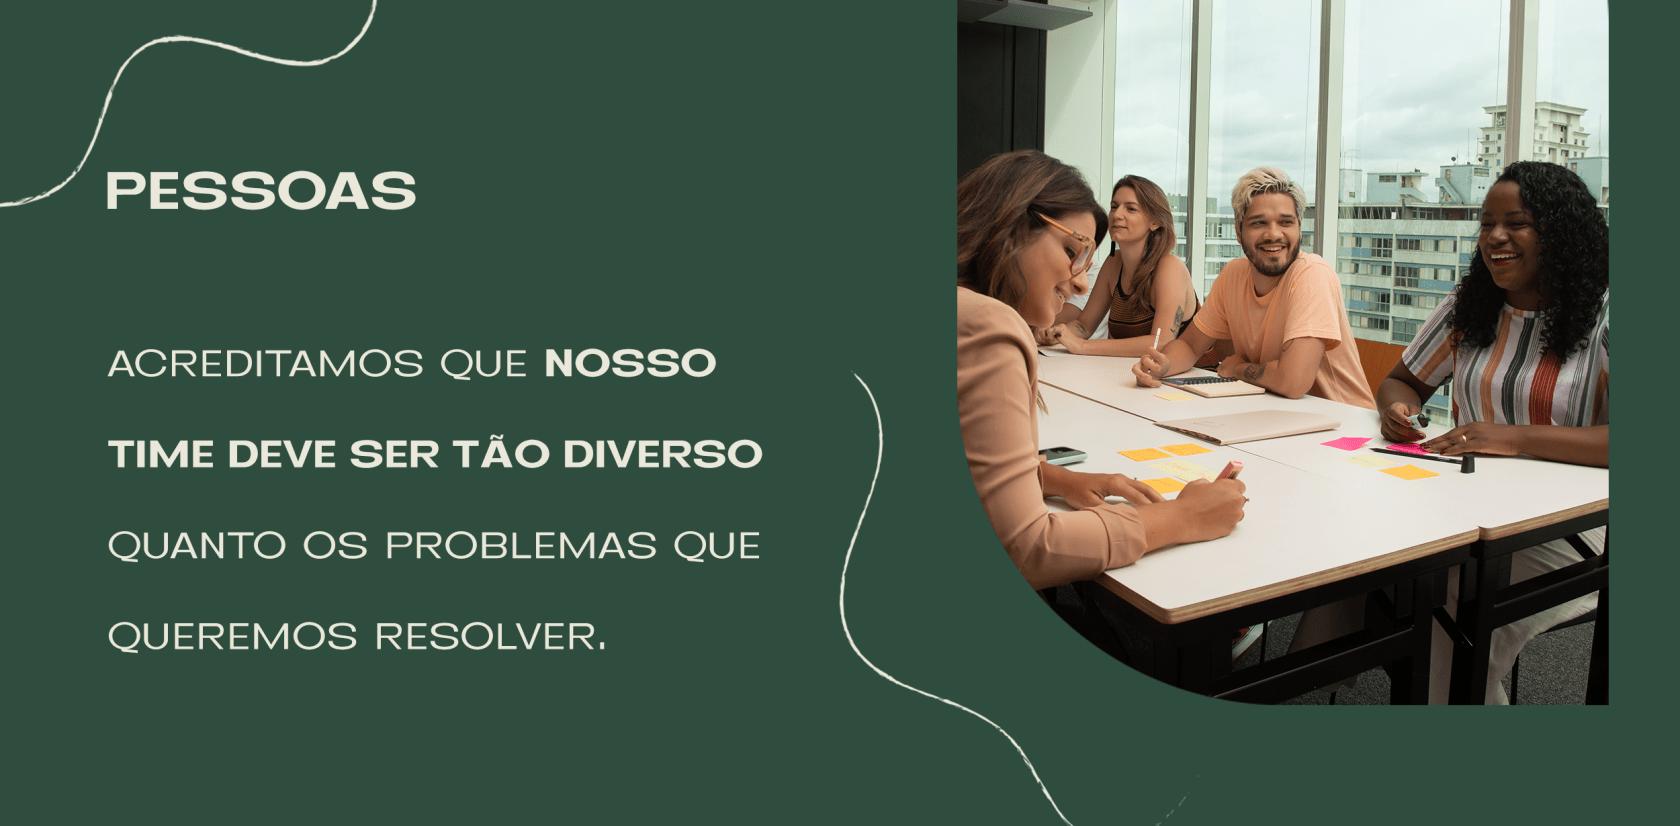 Acreditamos que nosso time deve ser tão diverso quanto os problemas que queremos resolver.